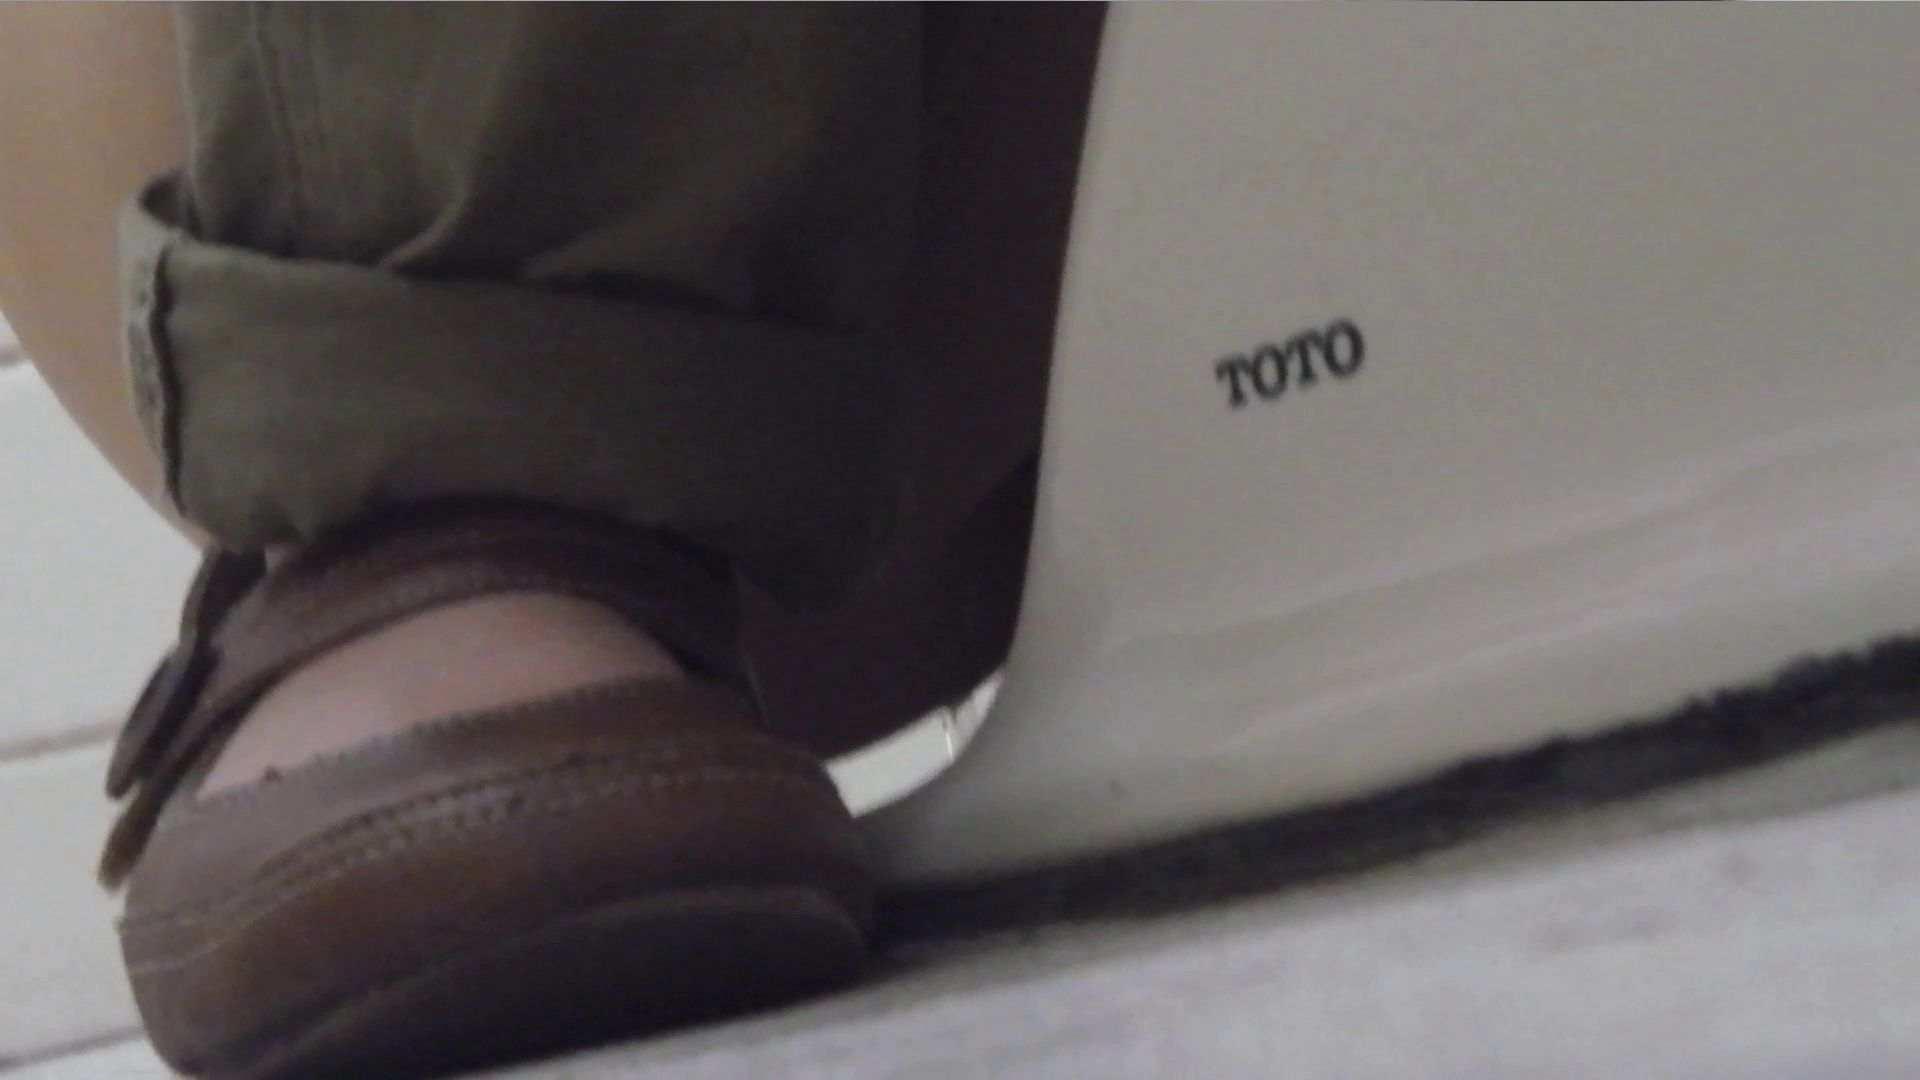 vol.09 命がけ潜伏洗面所! 残念!パンツについちゃいました。 潜入 | OLの実態  91pic 51